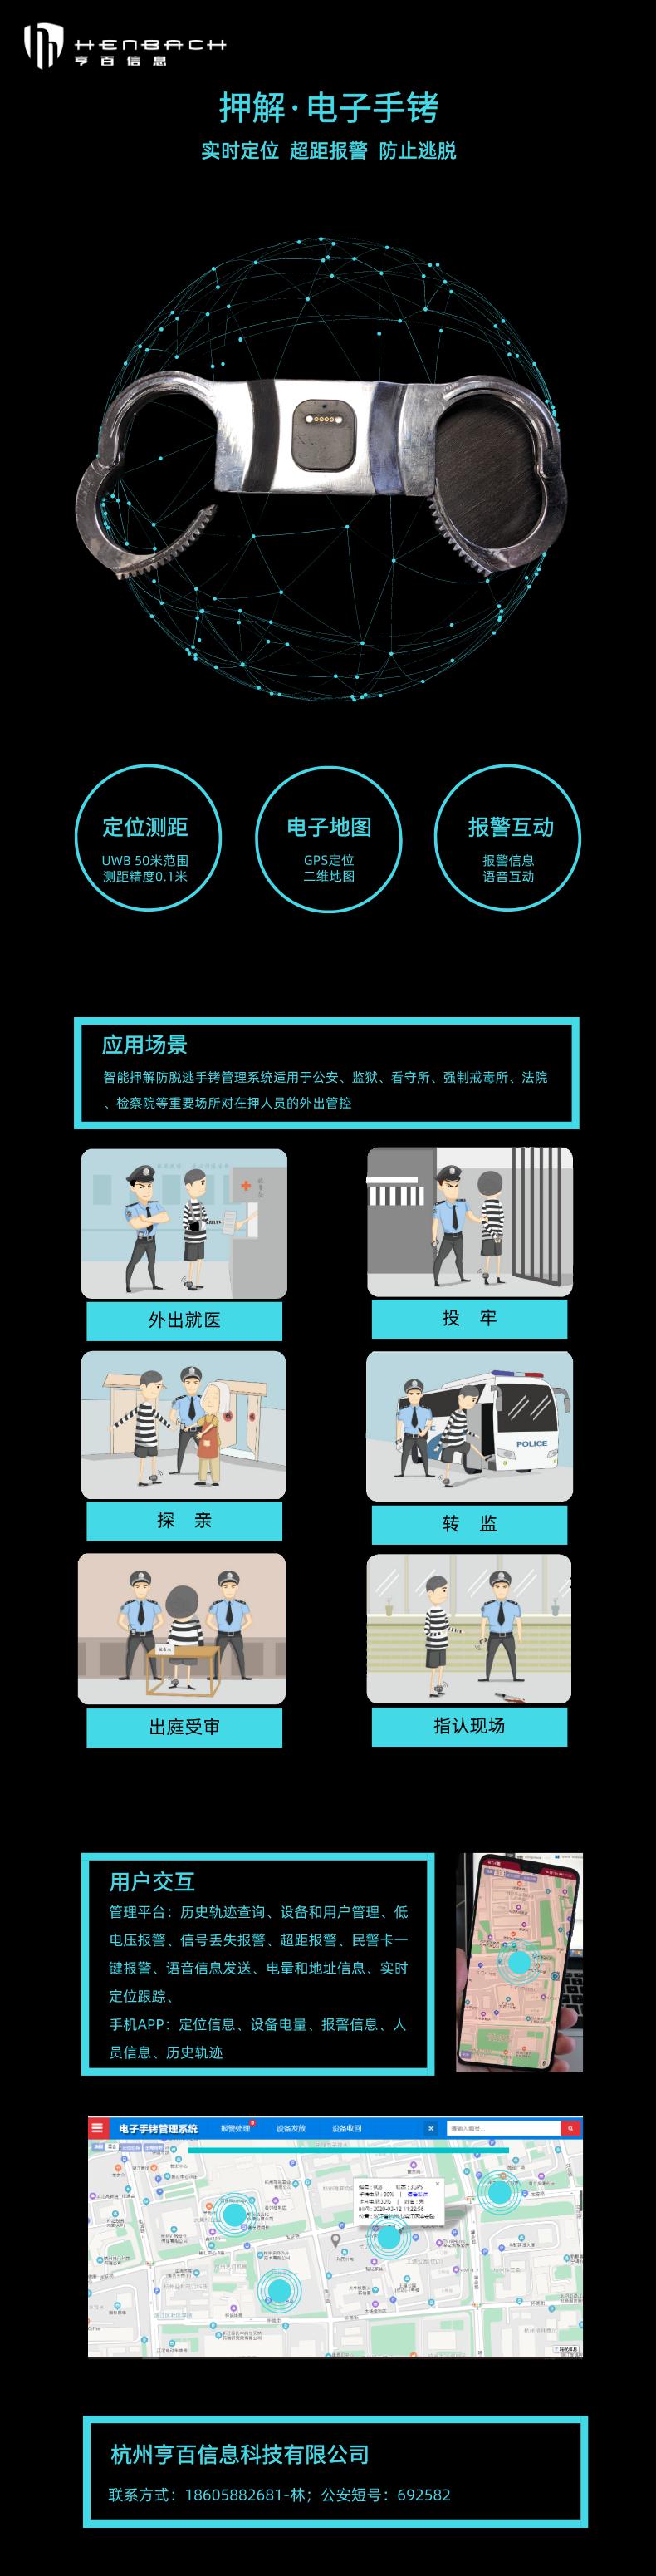 如何加强外出押解人员管控?智能押解电子手铐管理系统上线(组图)